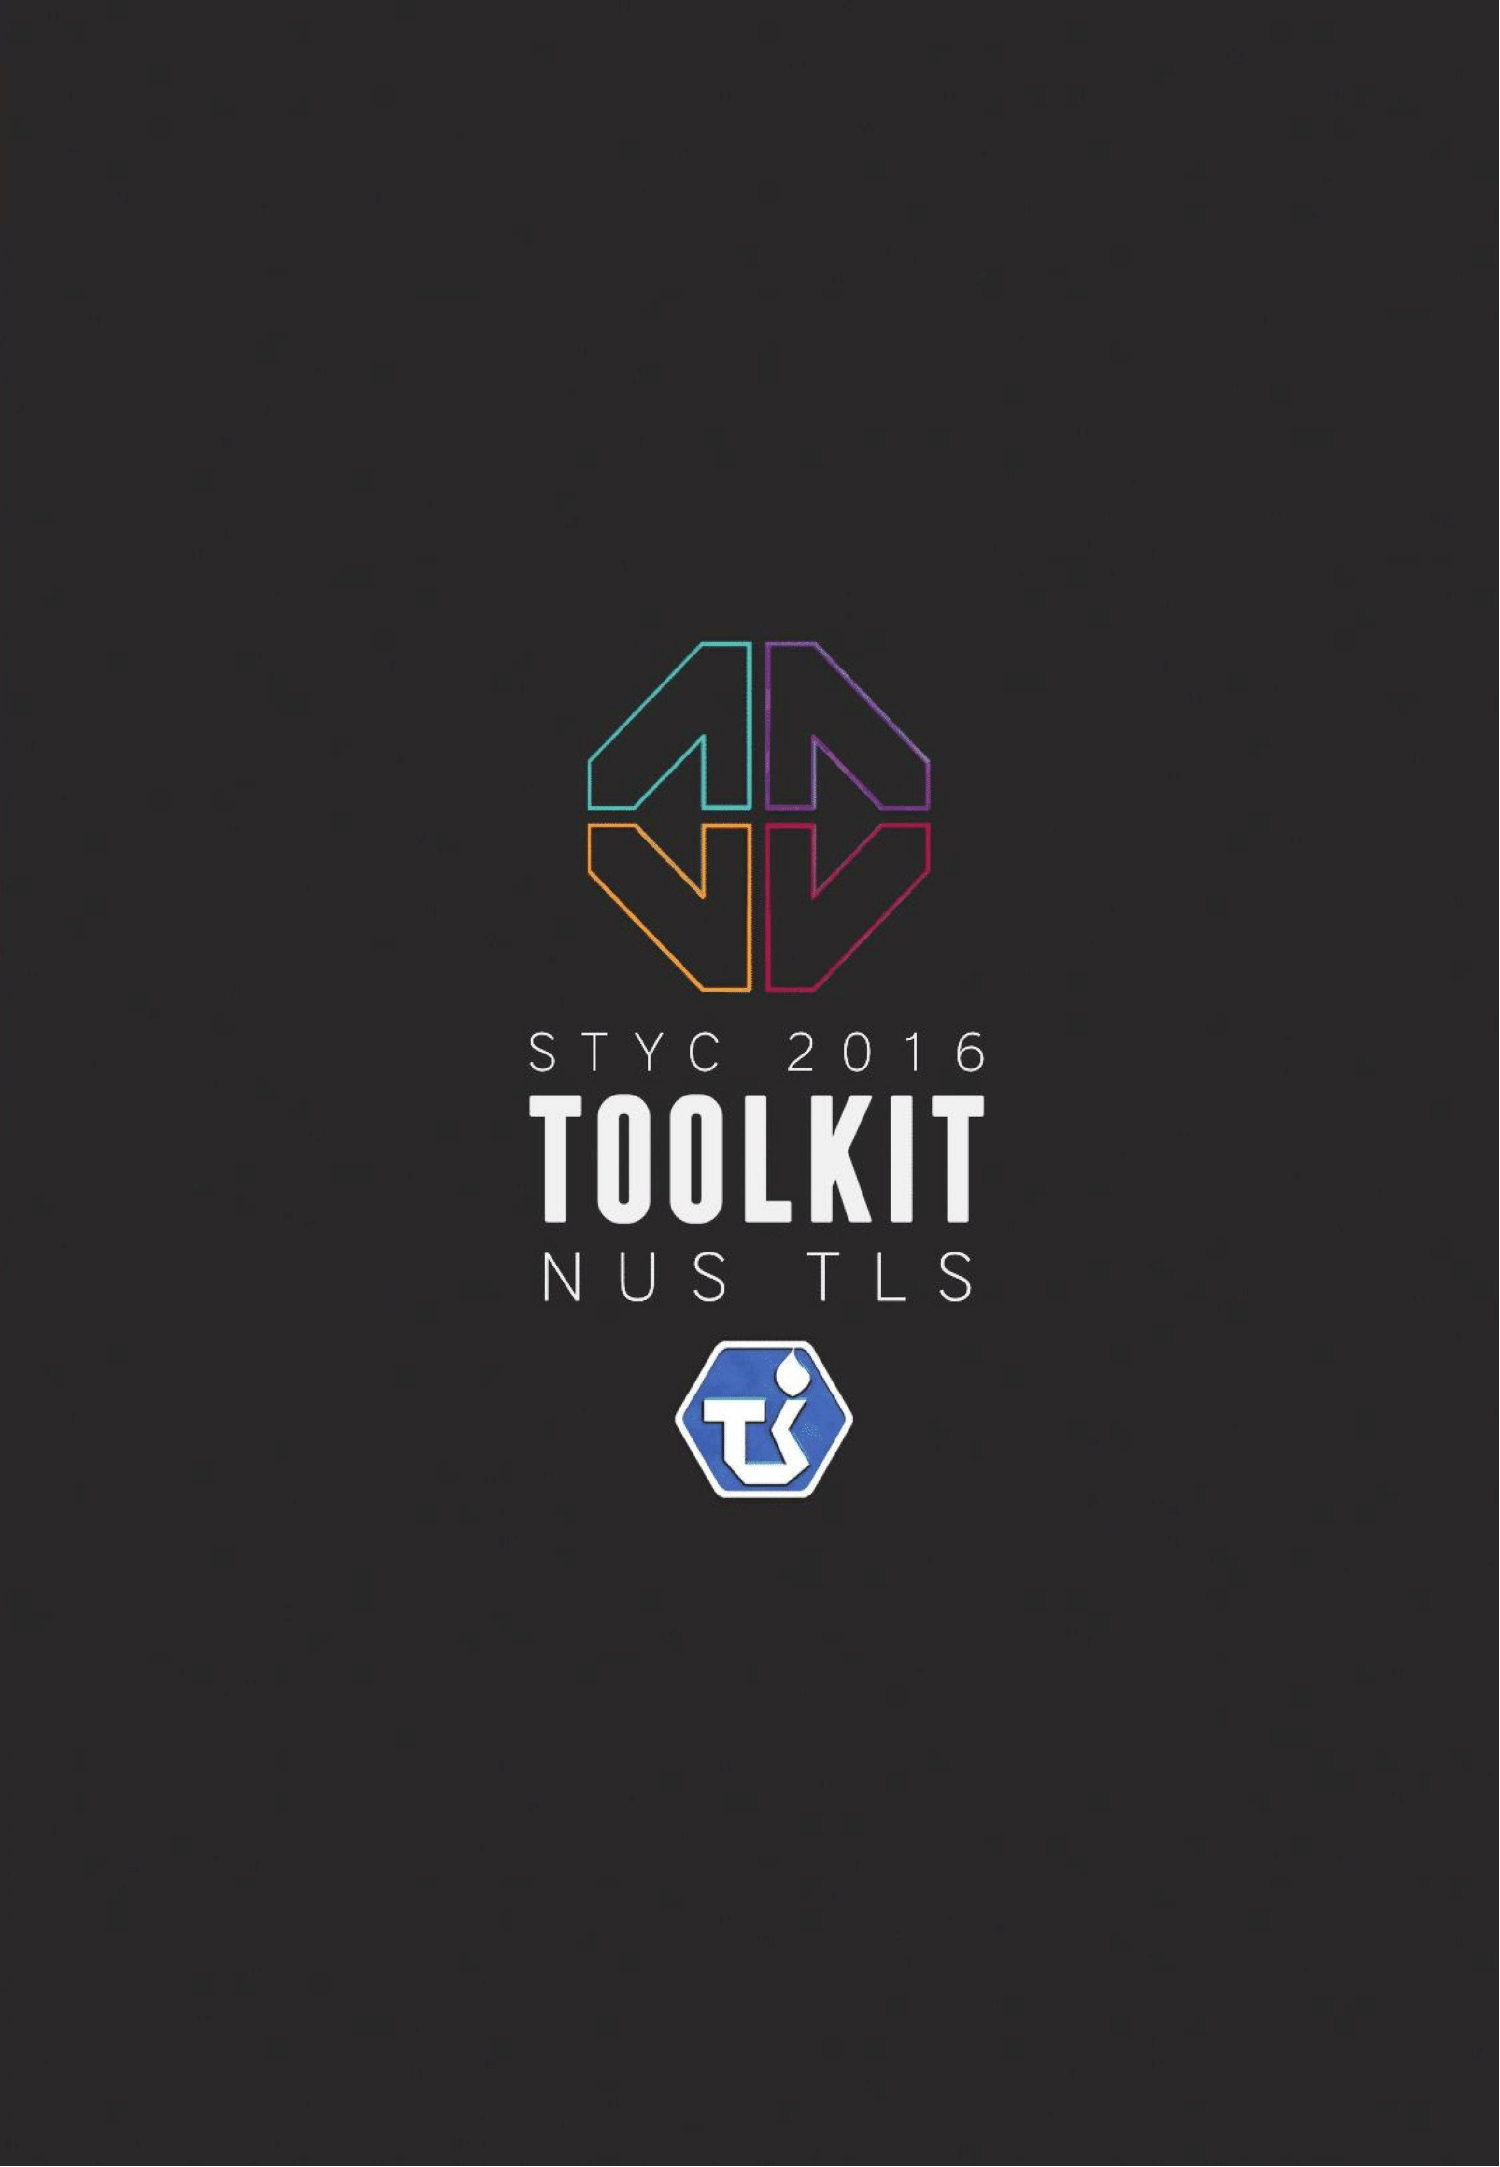 STYC 2016 Toolkit